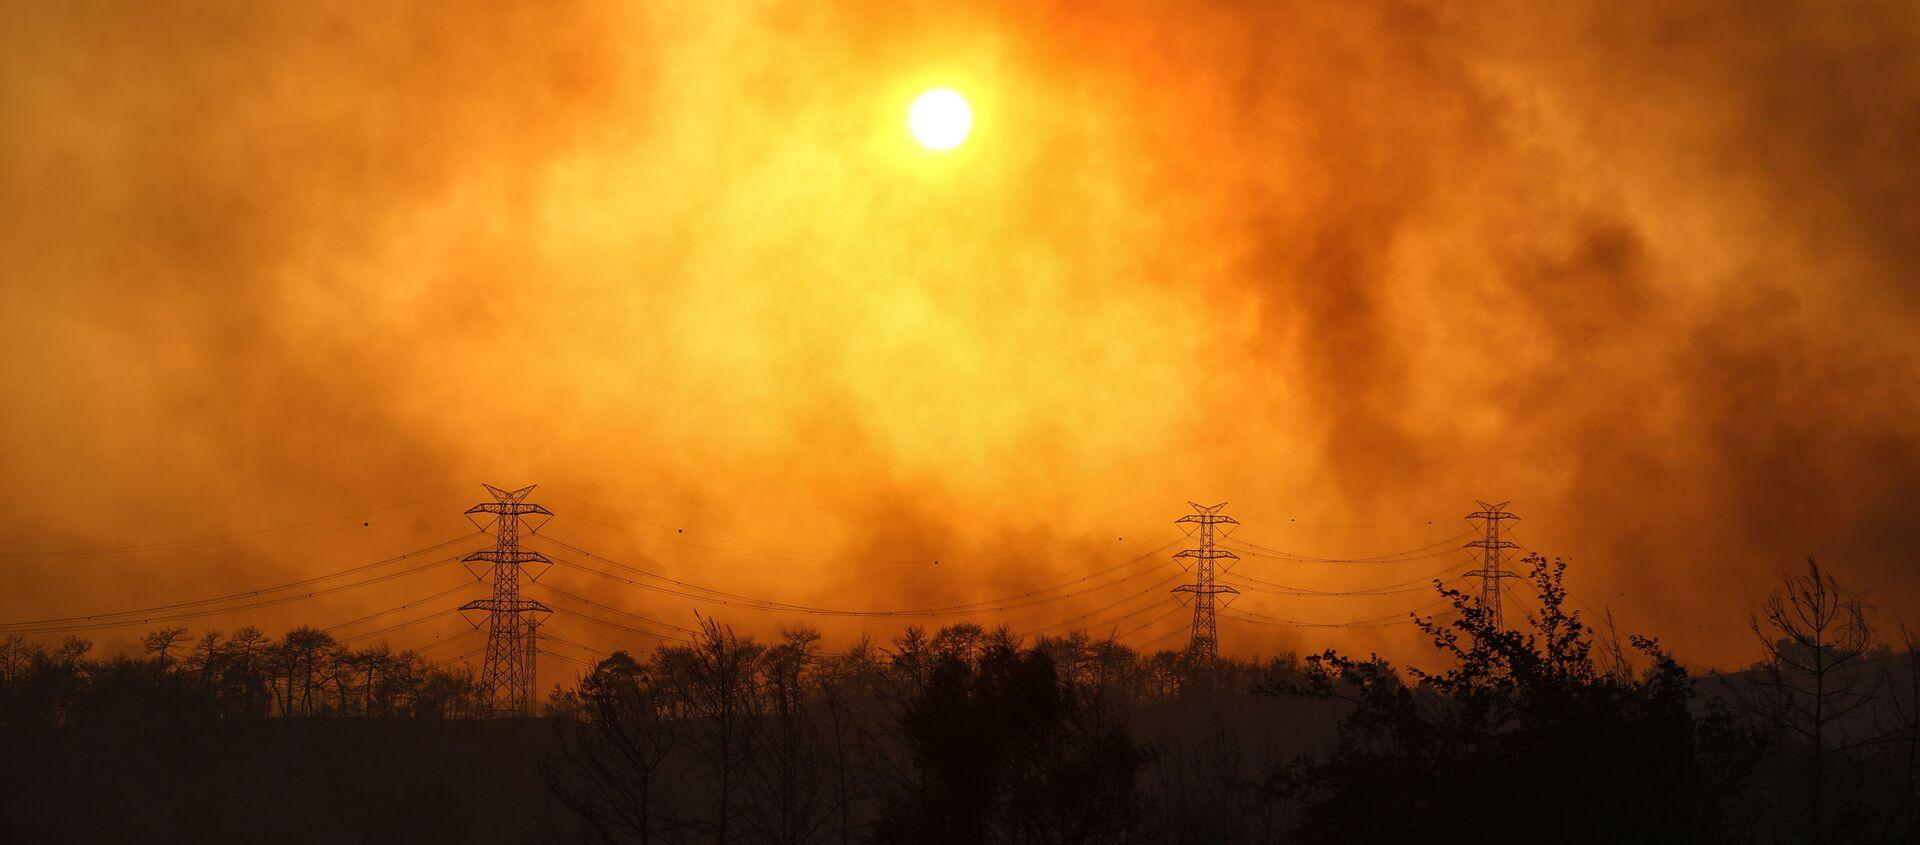 Manavgat yakınlarındaki orman yangınından yükselen dumanlar. - Sputnik Türkiye, 1920, 31.07.2021